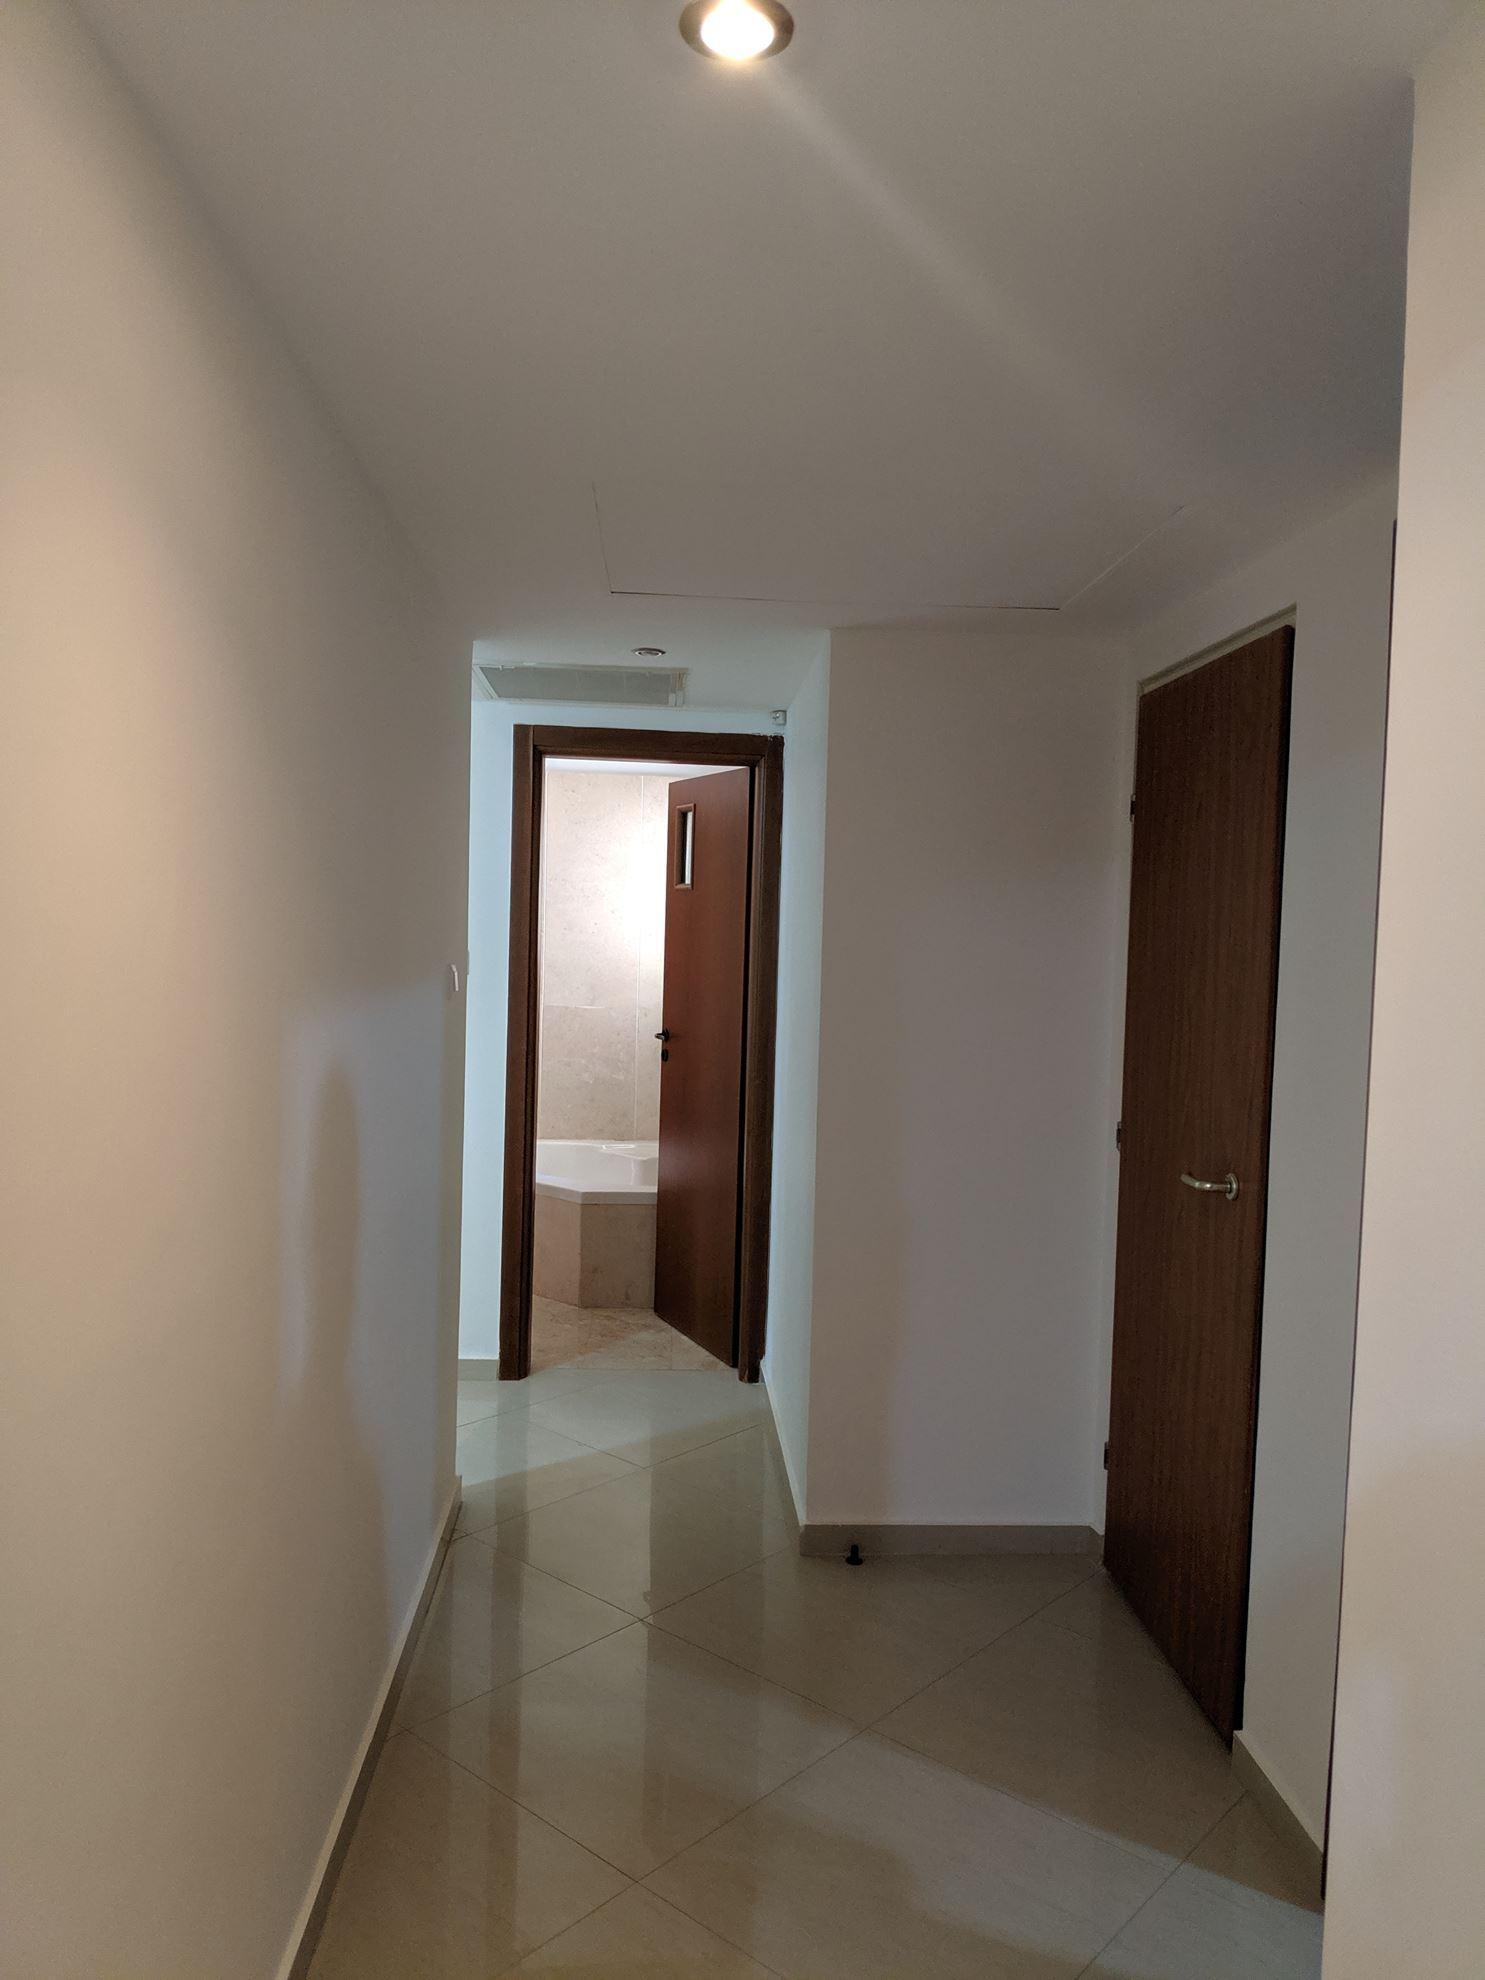 תמונה של 4 חדרים בנחום שריג